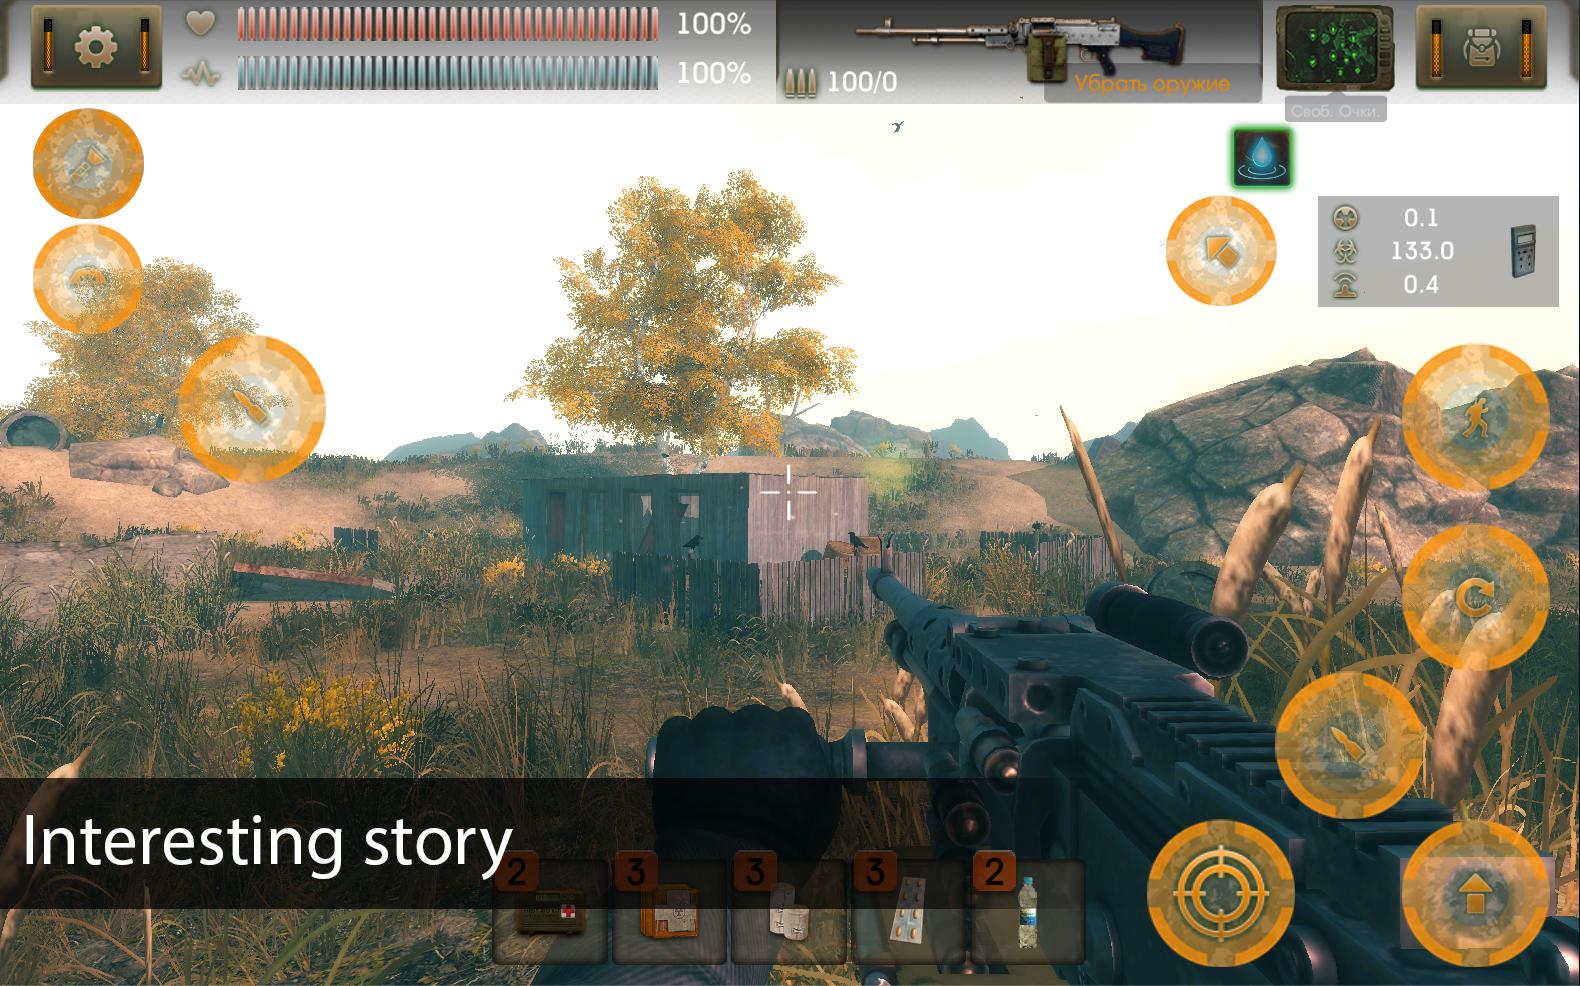 Capturas de tela de The Sun Origin: Post-apocalyptic action shooter